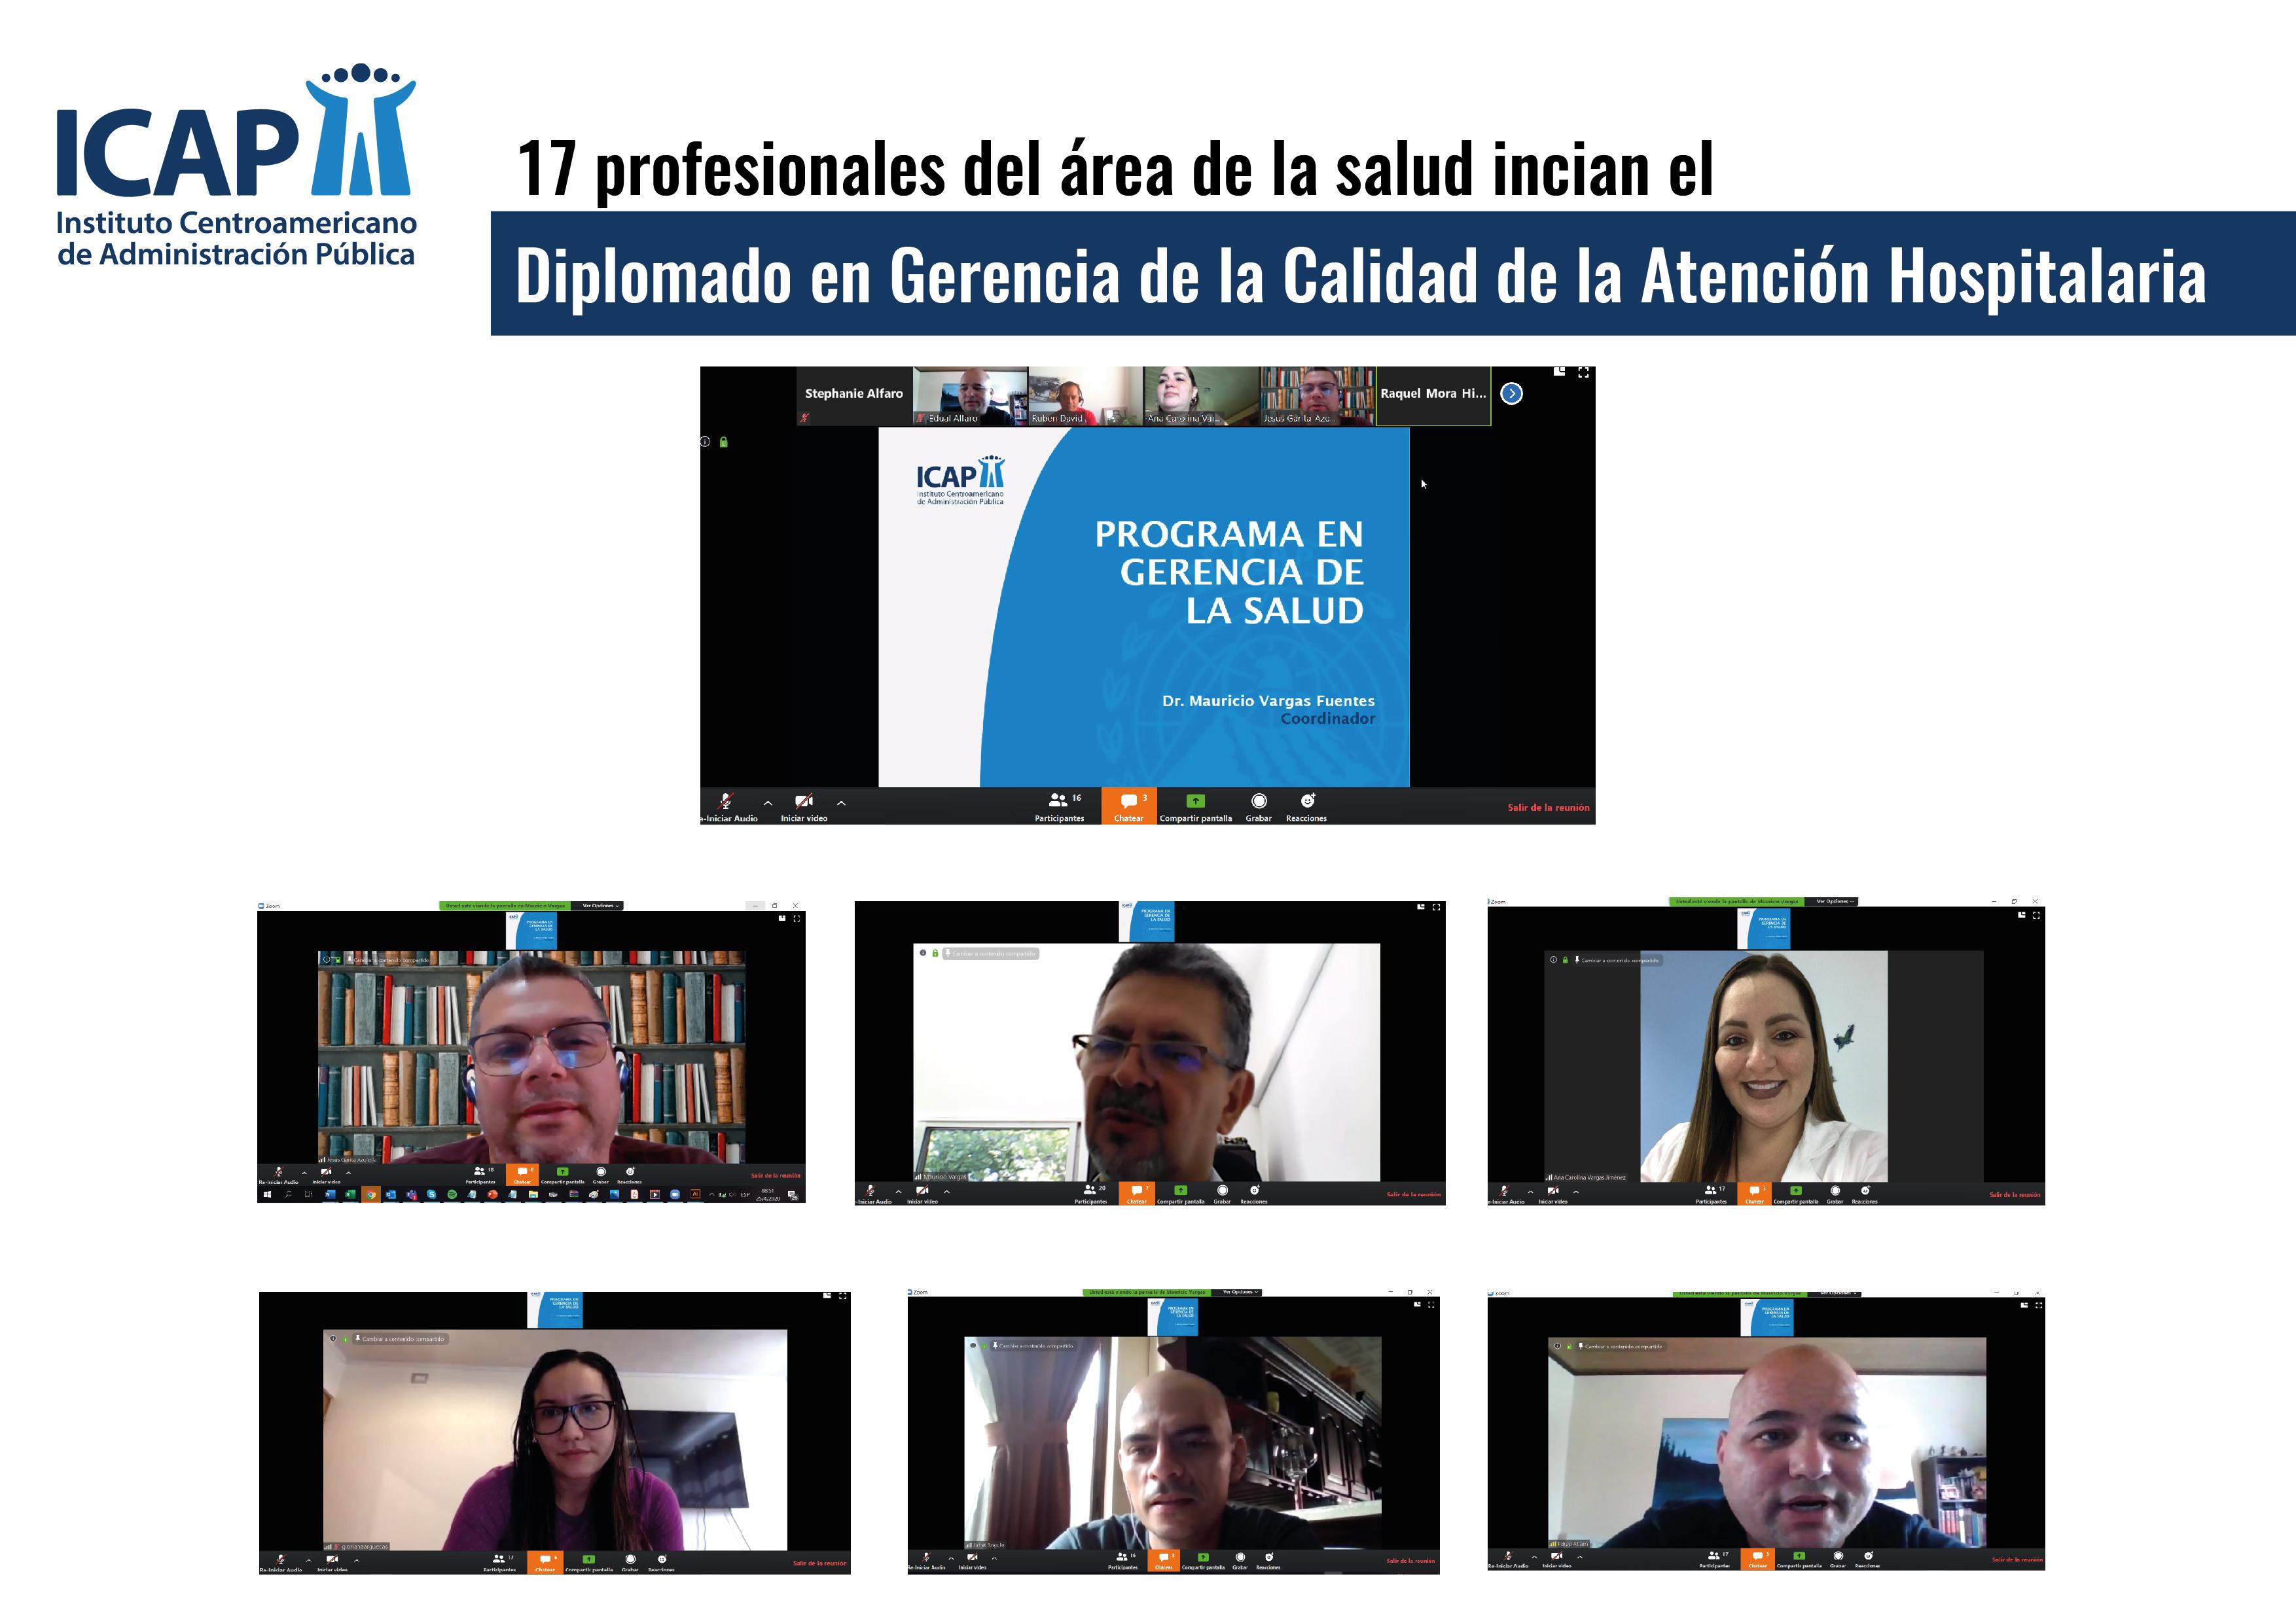 ICAP inauguró el Diplomado en Gerencia de la Calidad de la Atención Hospitalaria en Costa Rica